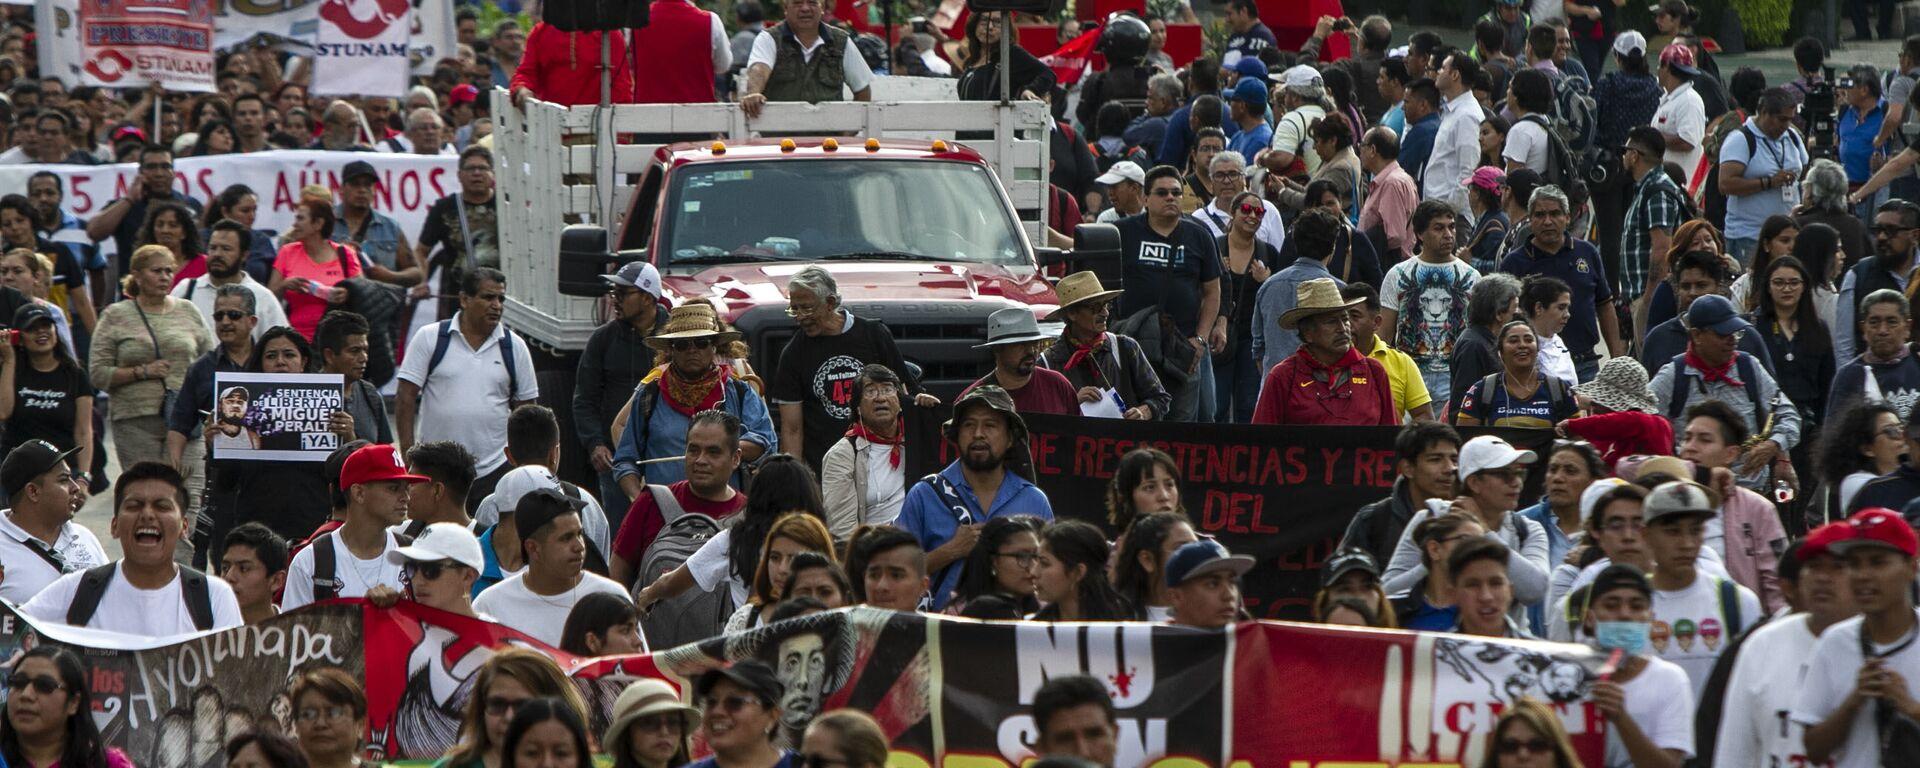 Asistentes a la manifestación en ciudad de México por los cinco años de la desaparición forzada de los 43 estudiantes de la normal rural de Ayotzinapa en el anti-monumento que recuerdo este crimen.  - Sputnik Mundo, 1920, 16.06.2021